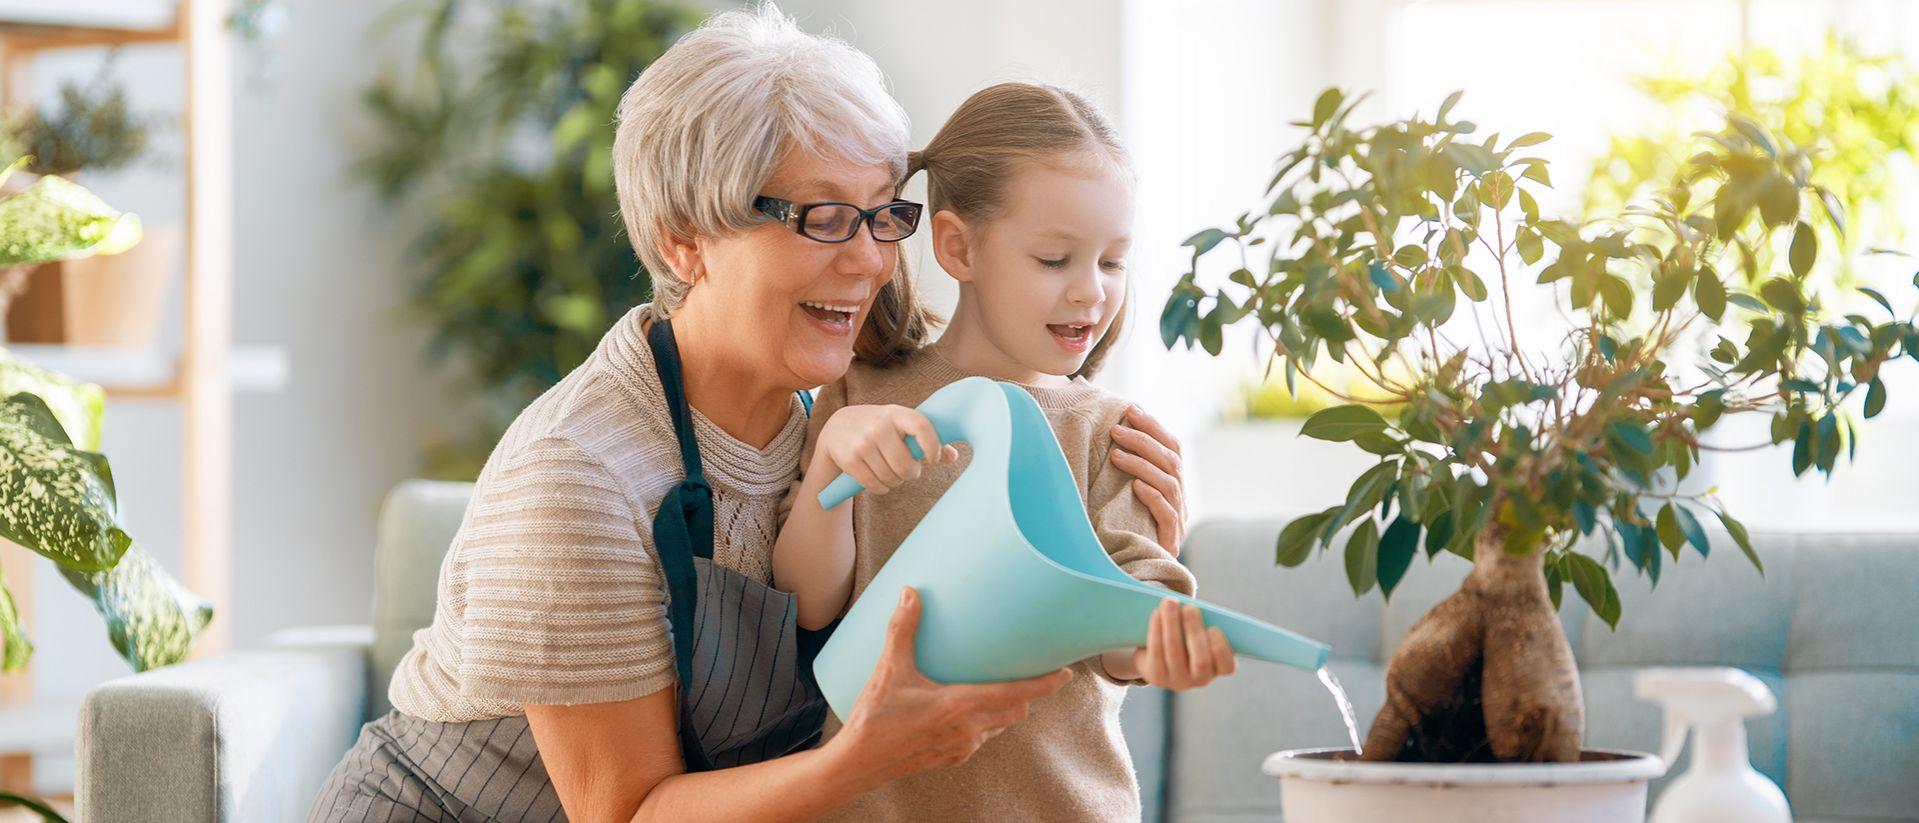 Le piante che aiutano a migliorare la qualità dell'aria di casa